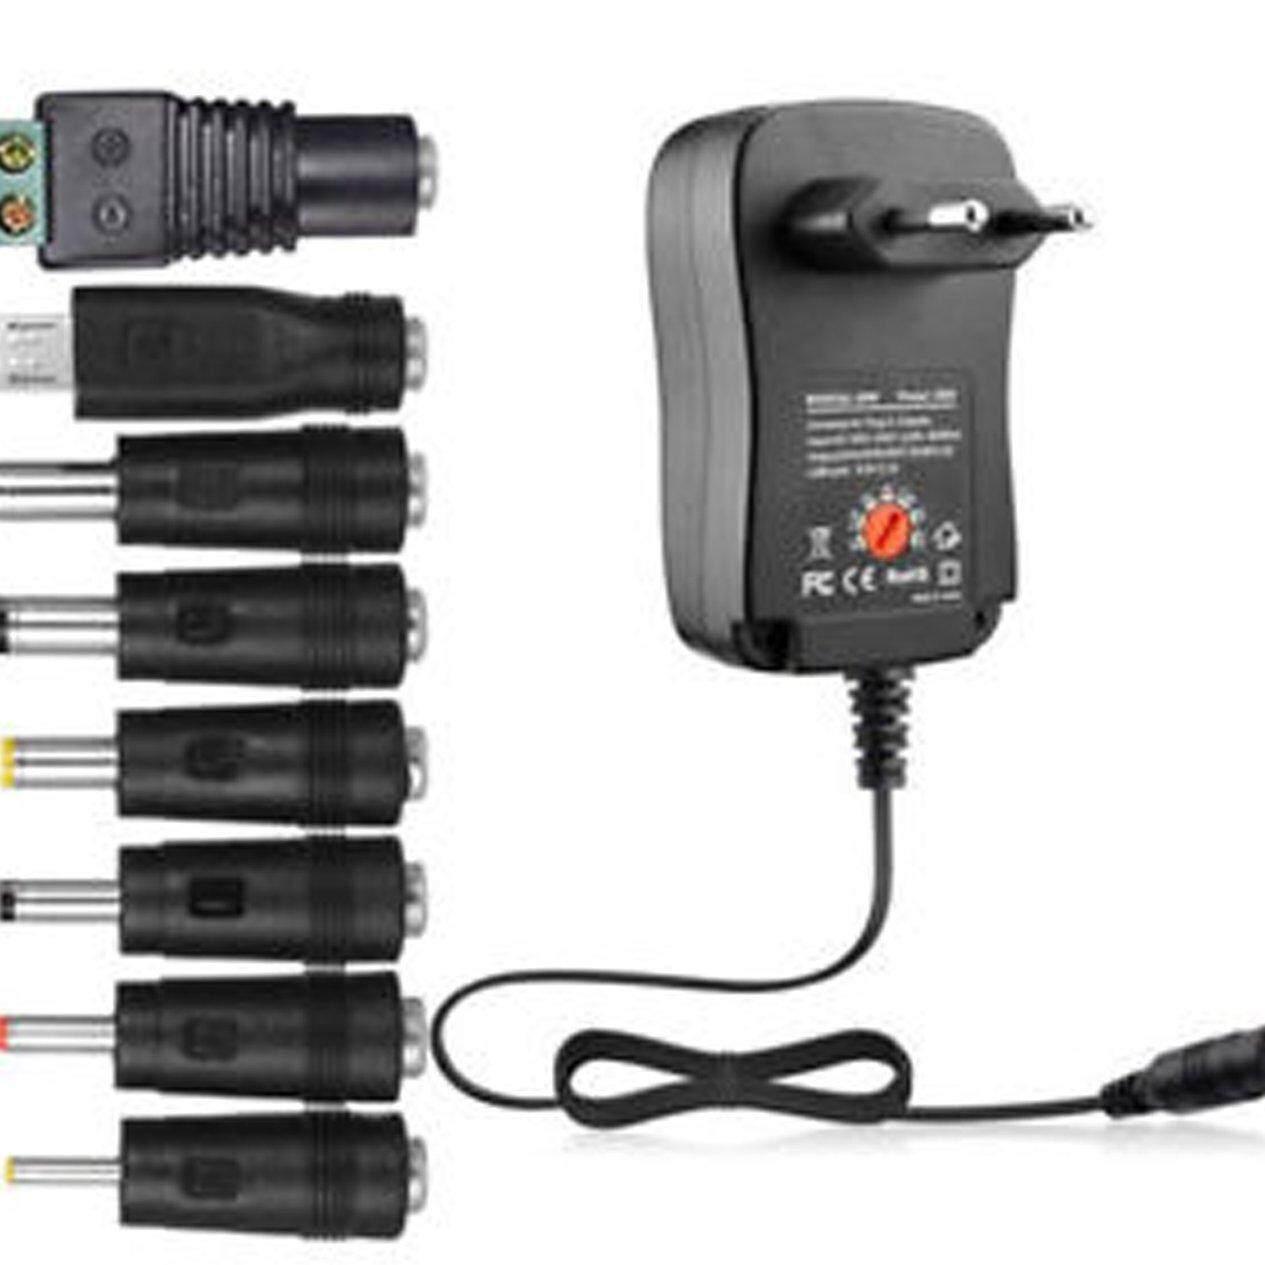 Bán 30W Nguồn điện Adapter Đa Năng AC/DC 3 V/4.5 V/6 V/ 7.5 V/9 V/12 V Có Thể Điều Chỉnh